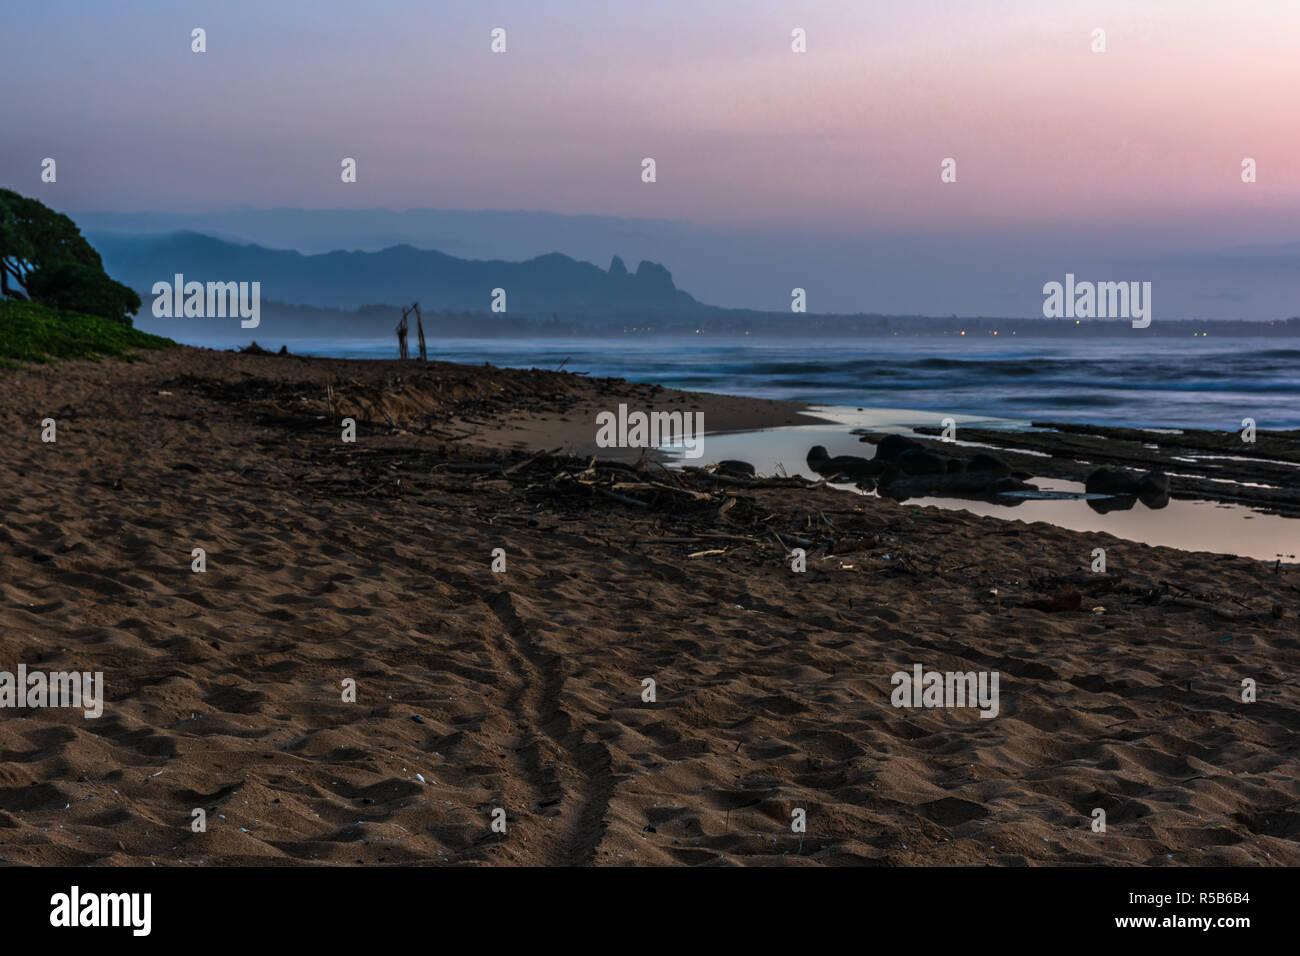 Amanecer en la playa de Lihue, Kauai Hawaii Foto de stock